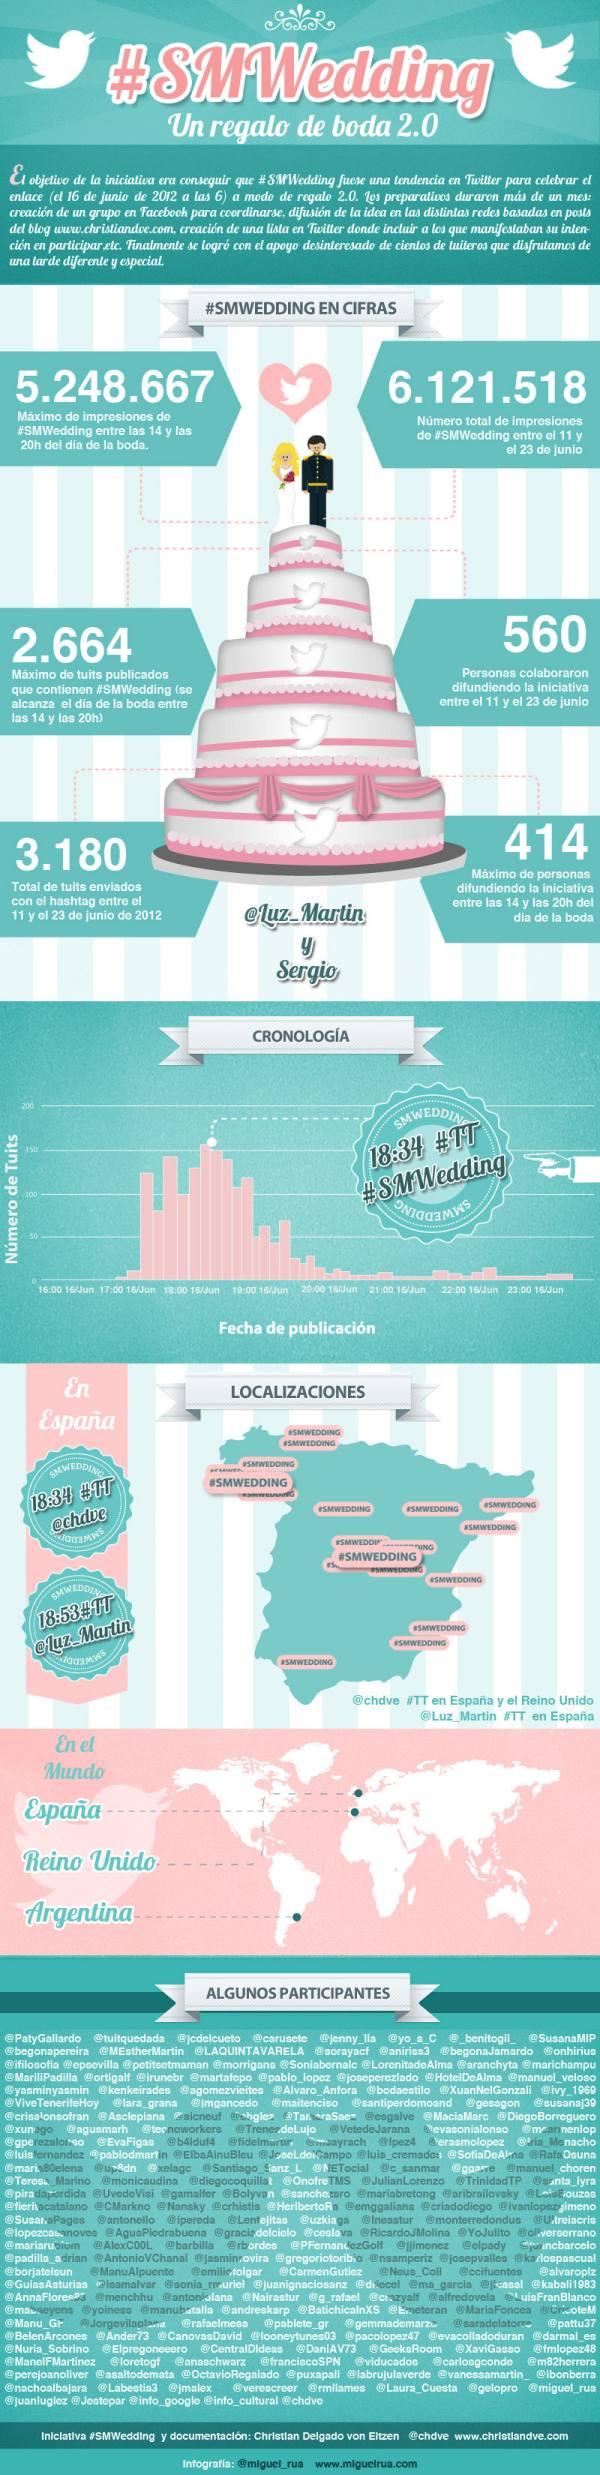 Infografía de #SMWedding